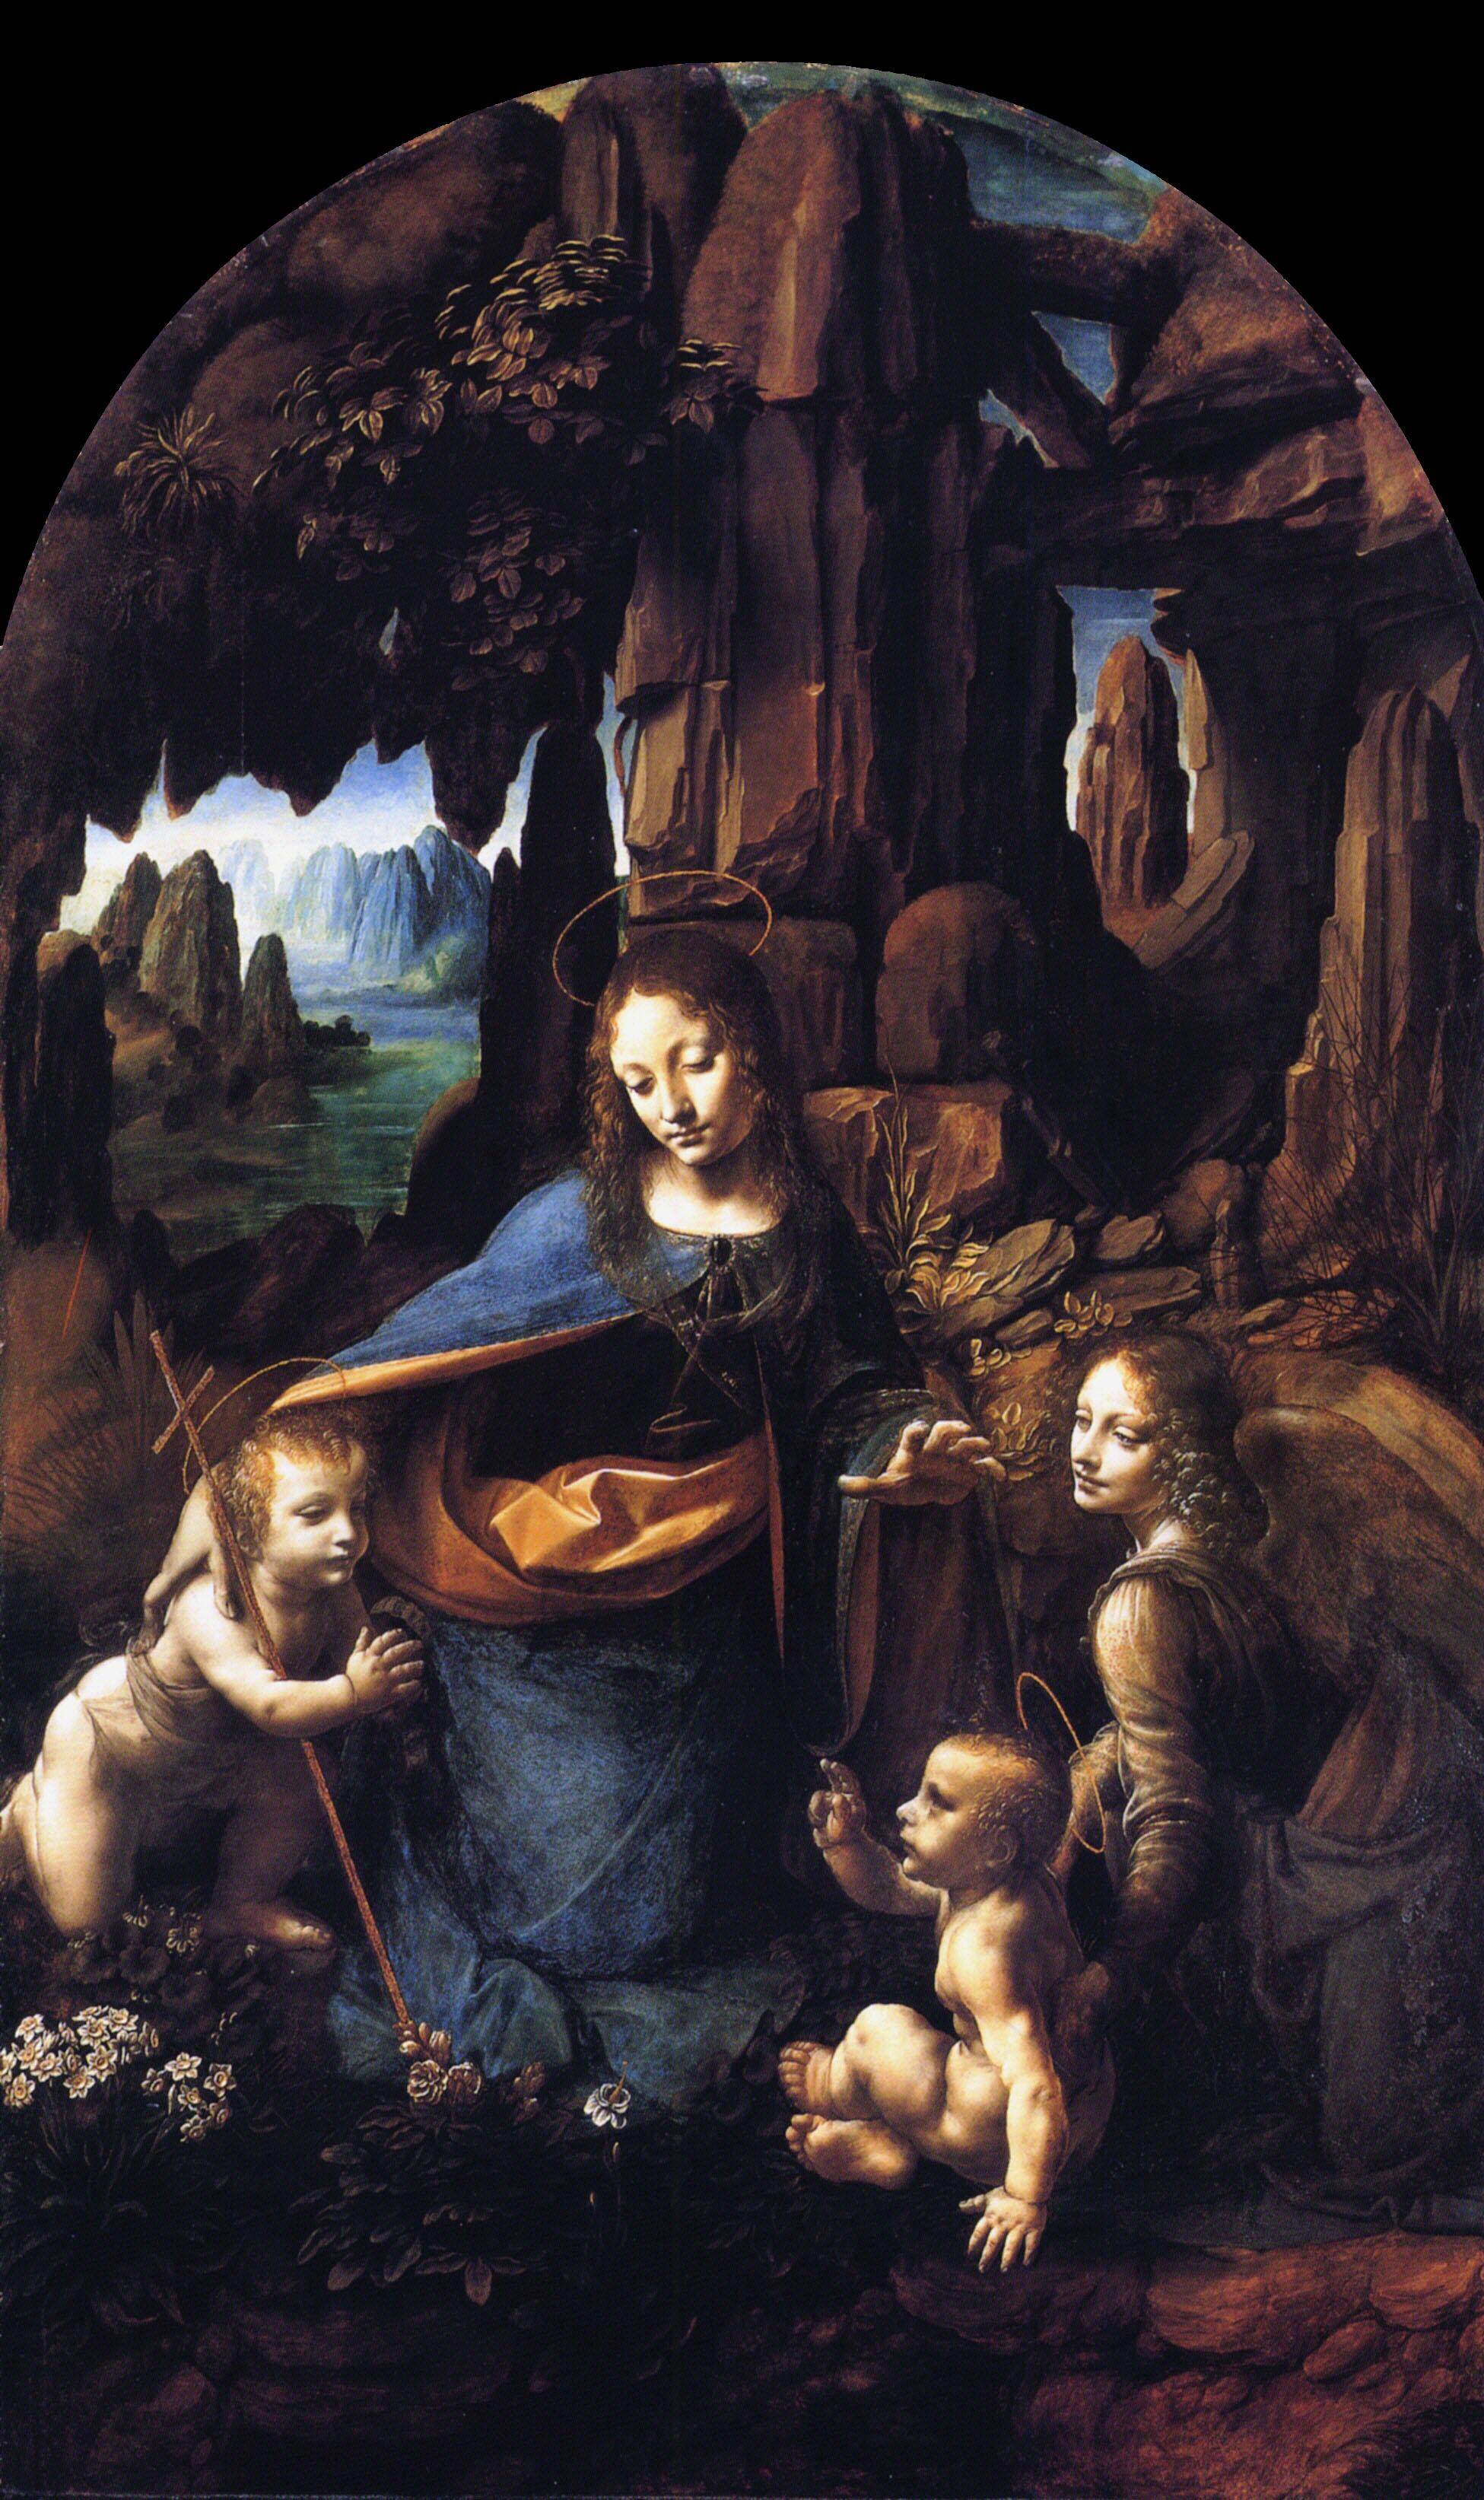 Leonardo_da_Vinci_Madonna_of_the_Rocks_1491-large